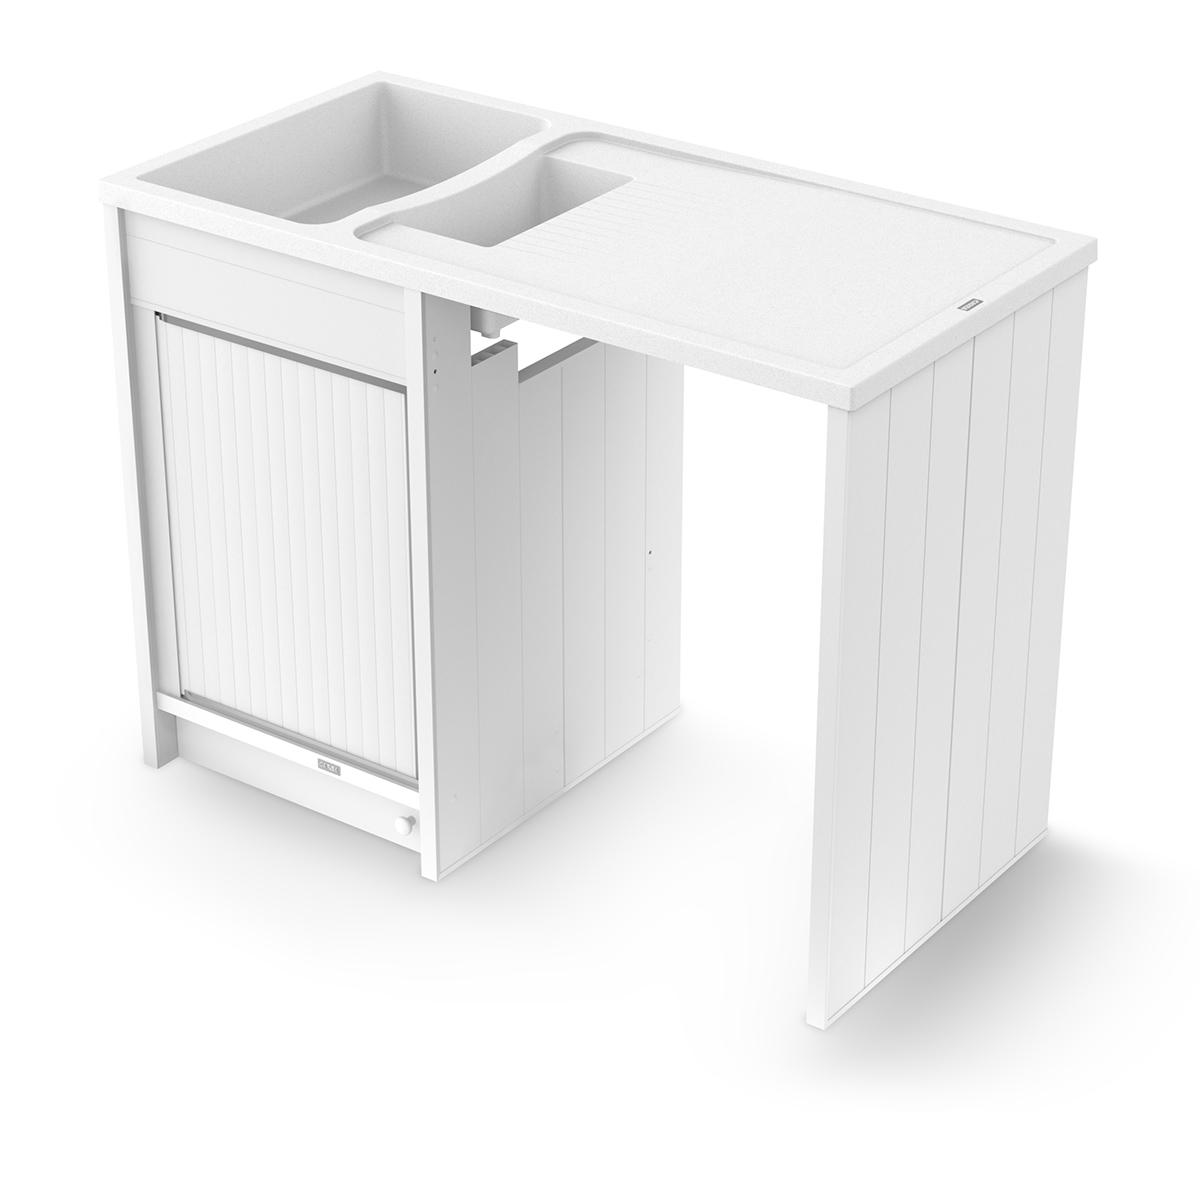 carea sanitaire concept meuble vier giga 120 composite pvc carea sanitaire. Black Bedroom Furniture Sets. Home Design Ideas